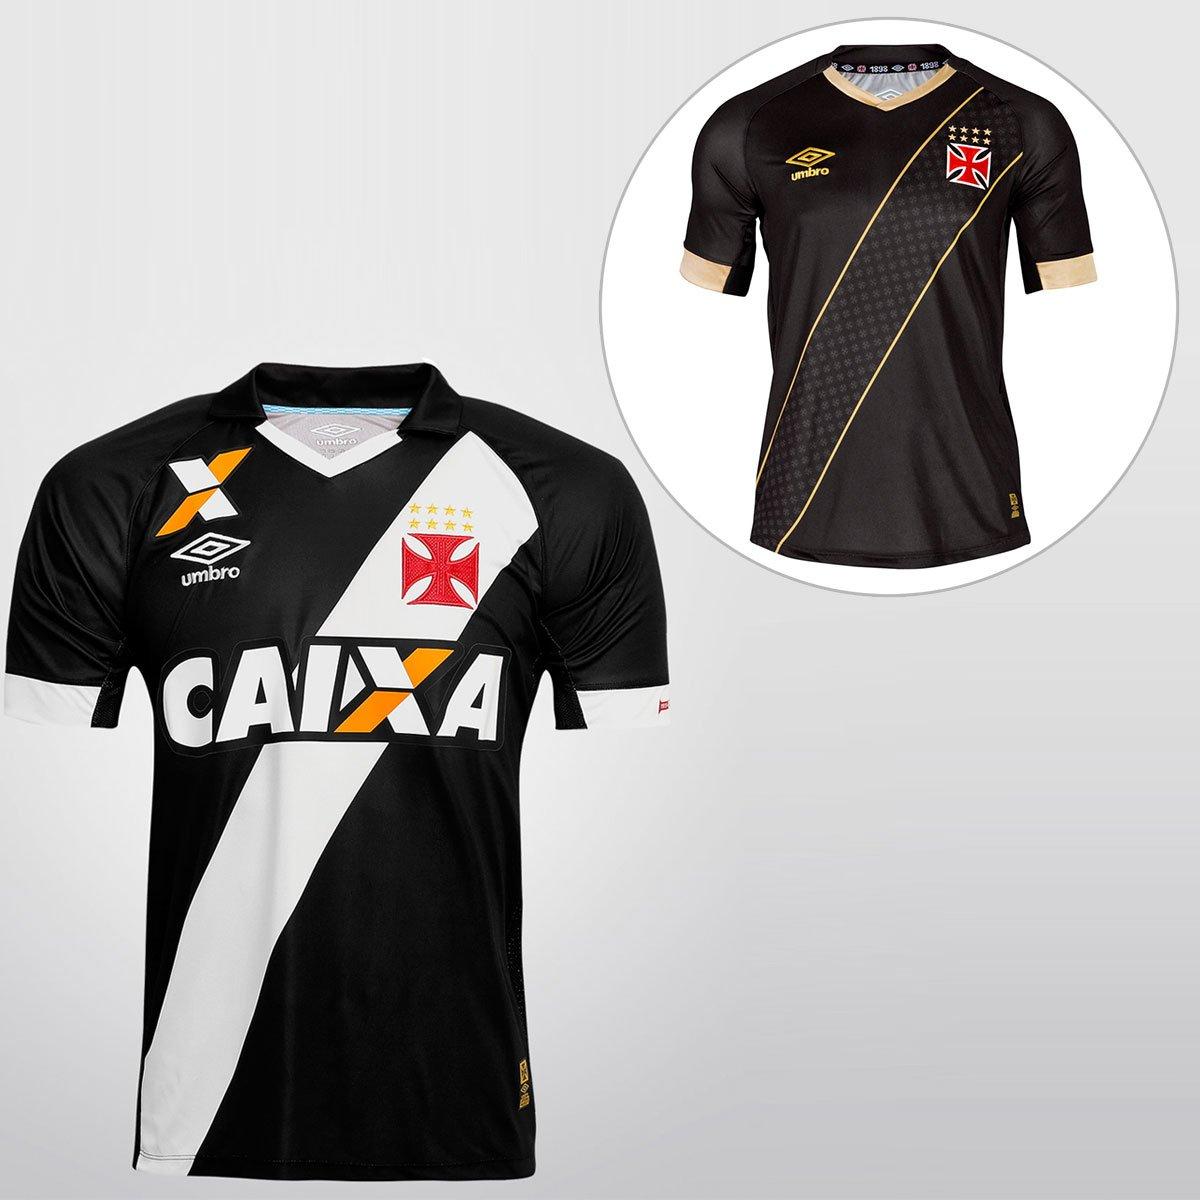 517e649da4 Kit Umbro Vasco - Camisa I 15 16 s nº + Camisa III 15 16 s nº - Compre  Agora